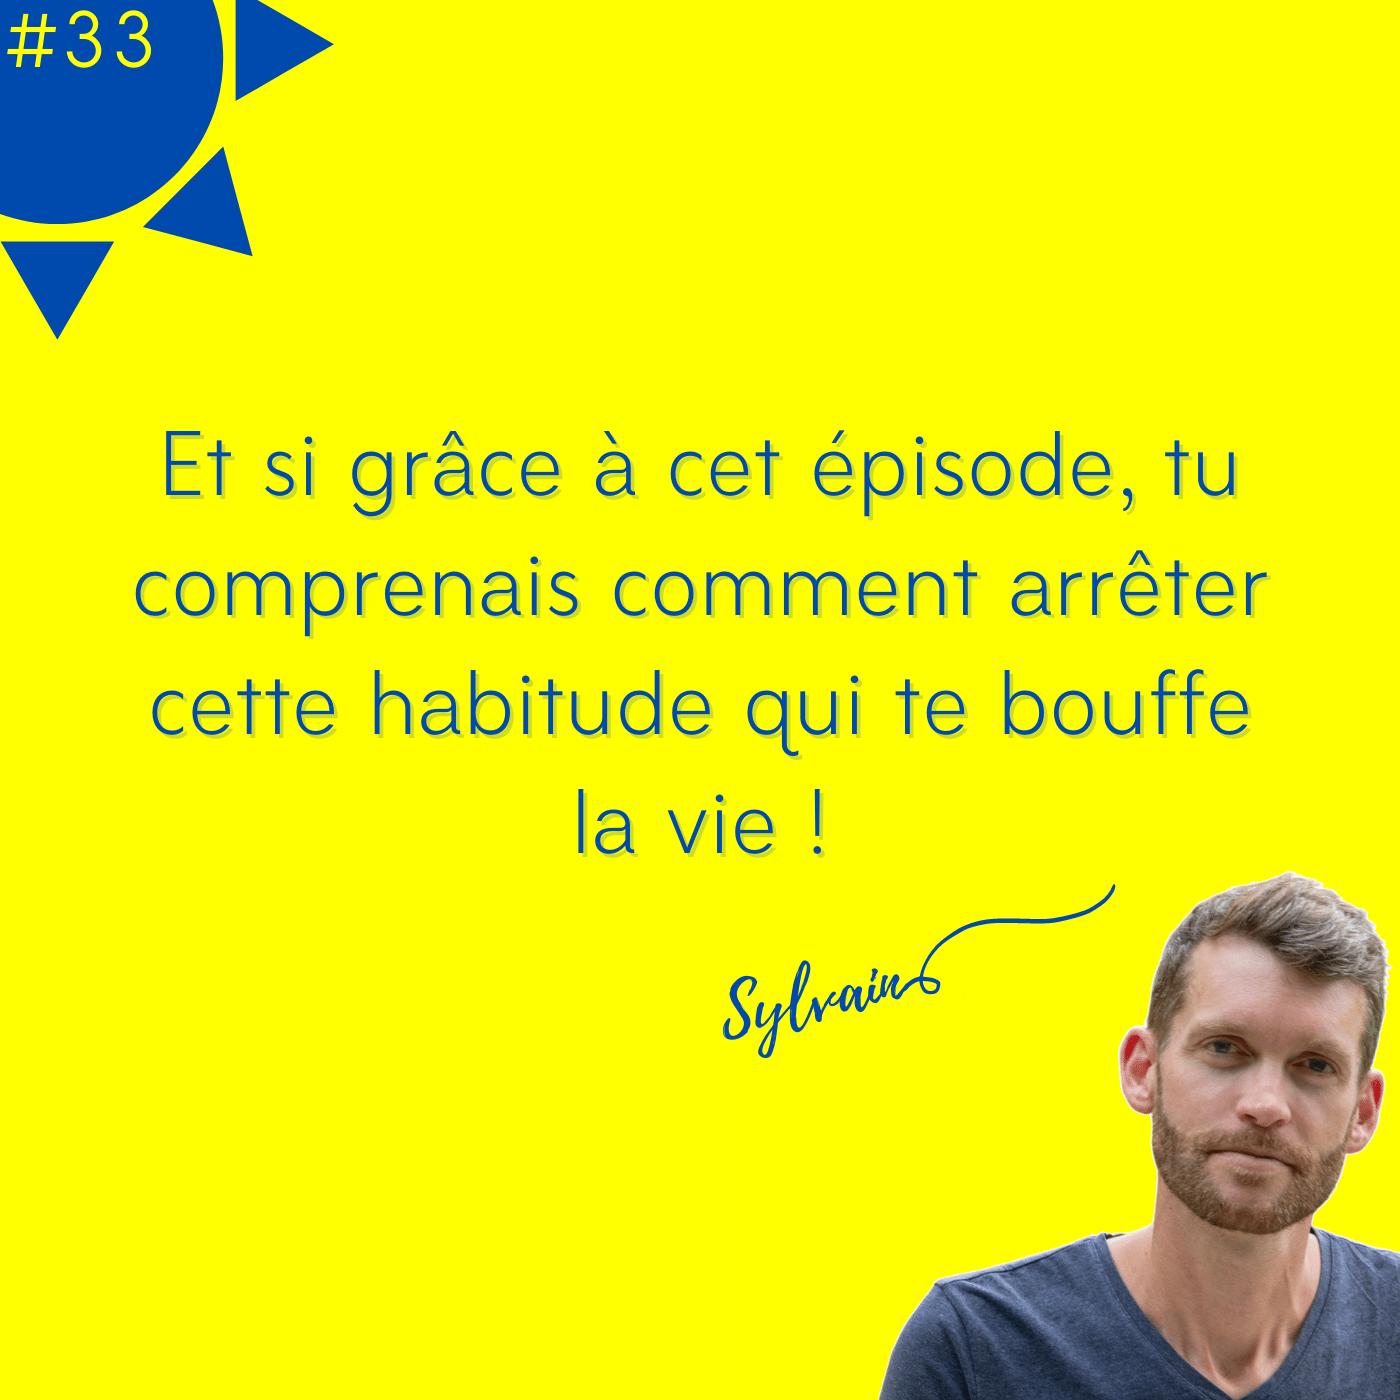 episode S1E115